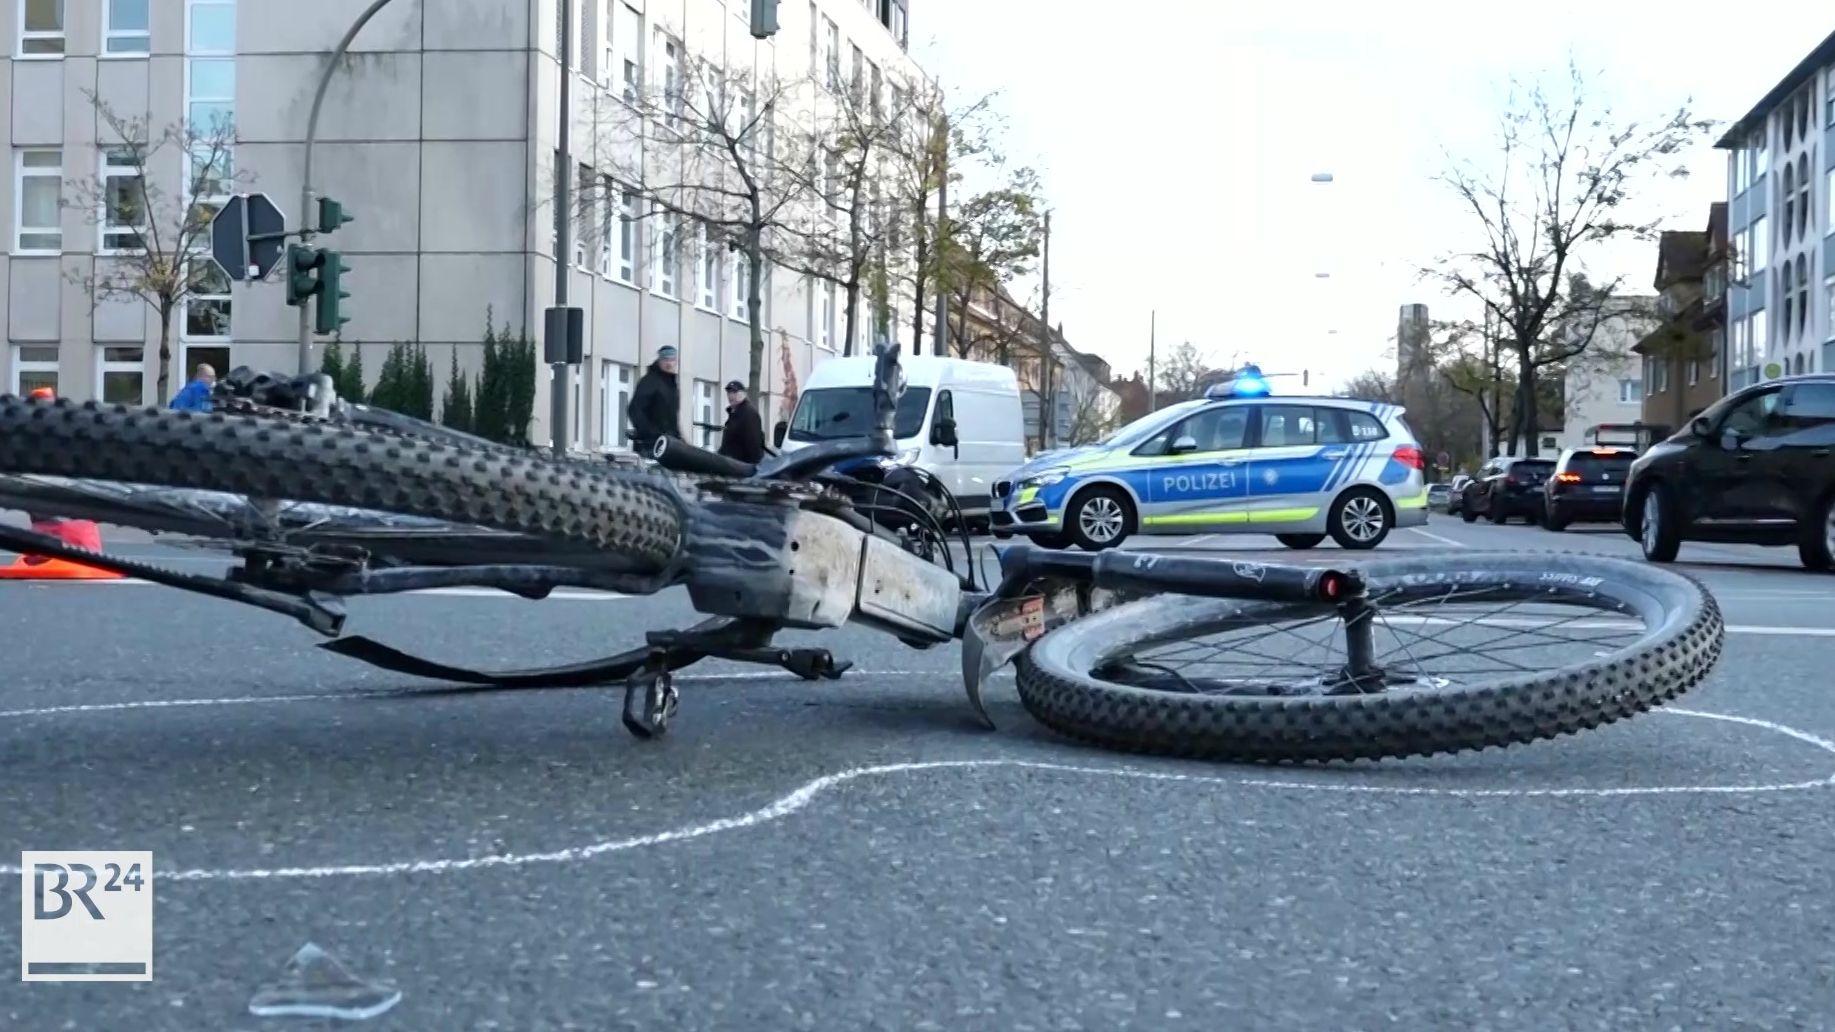 Fahrrad und Unfallstelle in Erlangen, nachdem ein Radfahrer von einem Auto erfasst wurde.